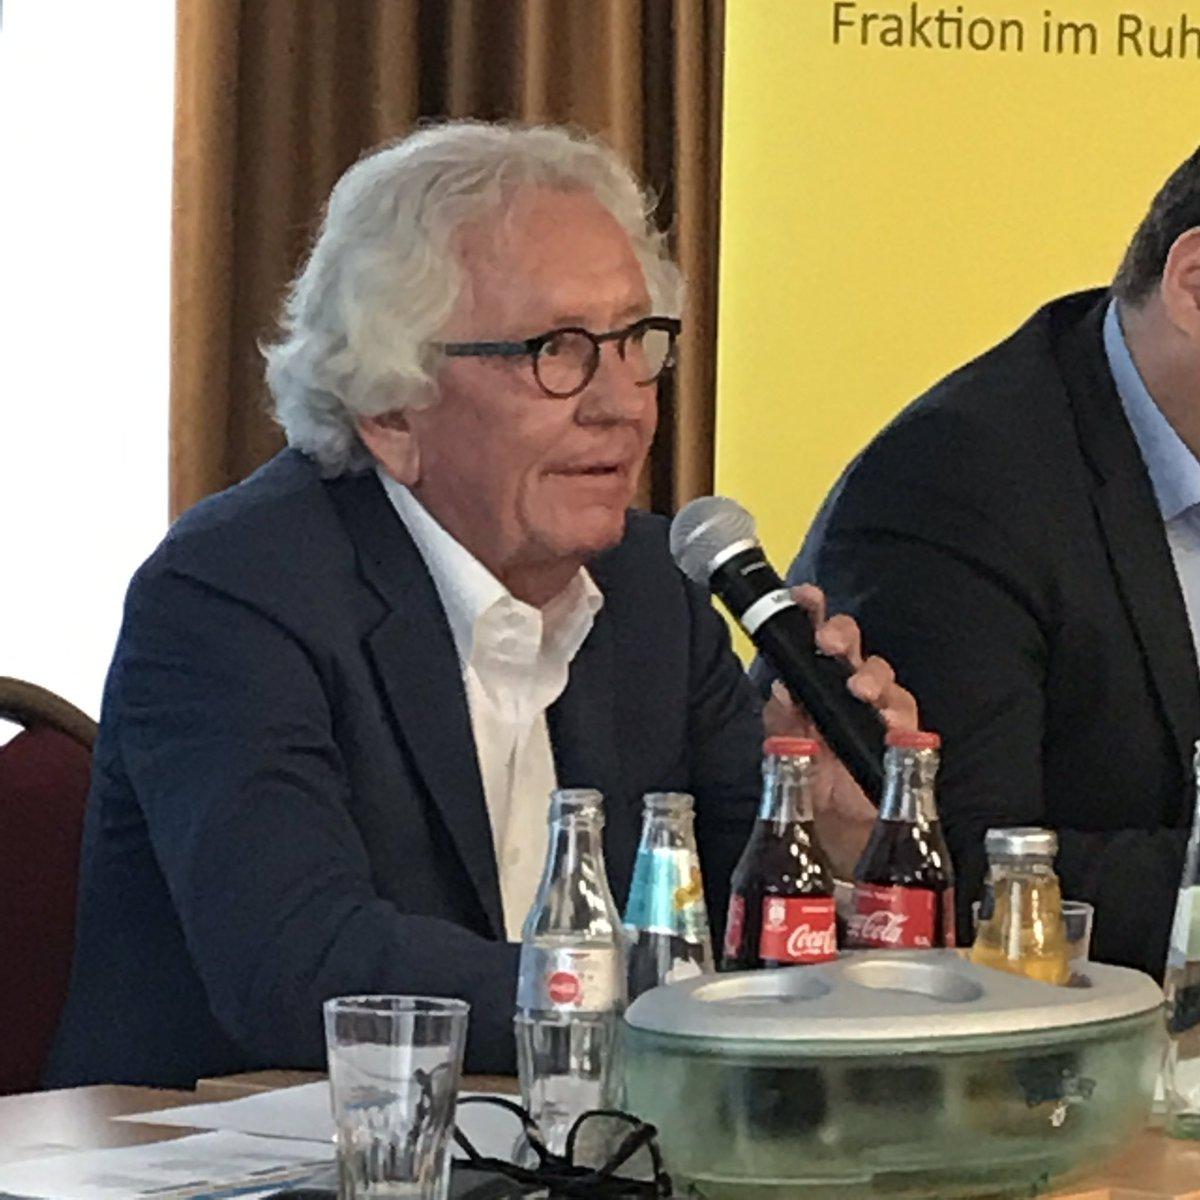 Informationsveranstaltung: Perspektiven der #Ruhrkonferenz mit Dr. Stephan Holthoff-Pförtner (CDU), Minister für Bundes- und Europaangelegenheiten sowie Internationales des Landes Nordrhein-Westfalen #fdp #ruhrgebiet #ruhrparlament #rvr #nrw